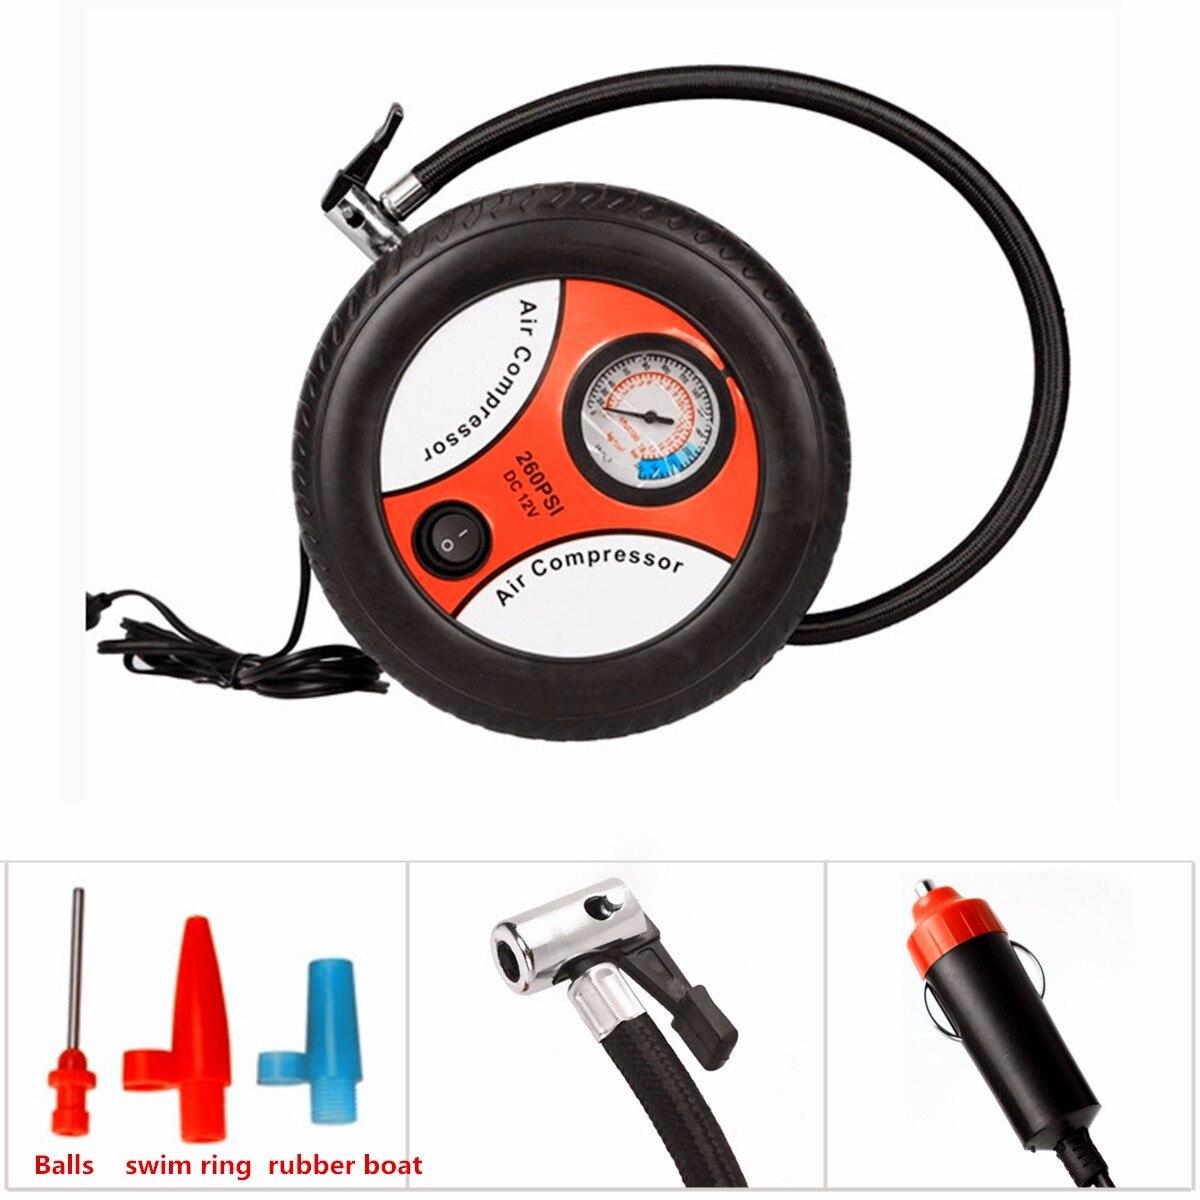 Car Mini Inflatable Pump 260PSI DC12V Metal Plastic Electric Air Compressor Monitor Pump with 3 Nozzle Adapters